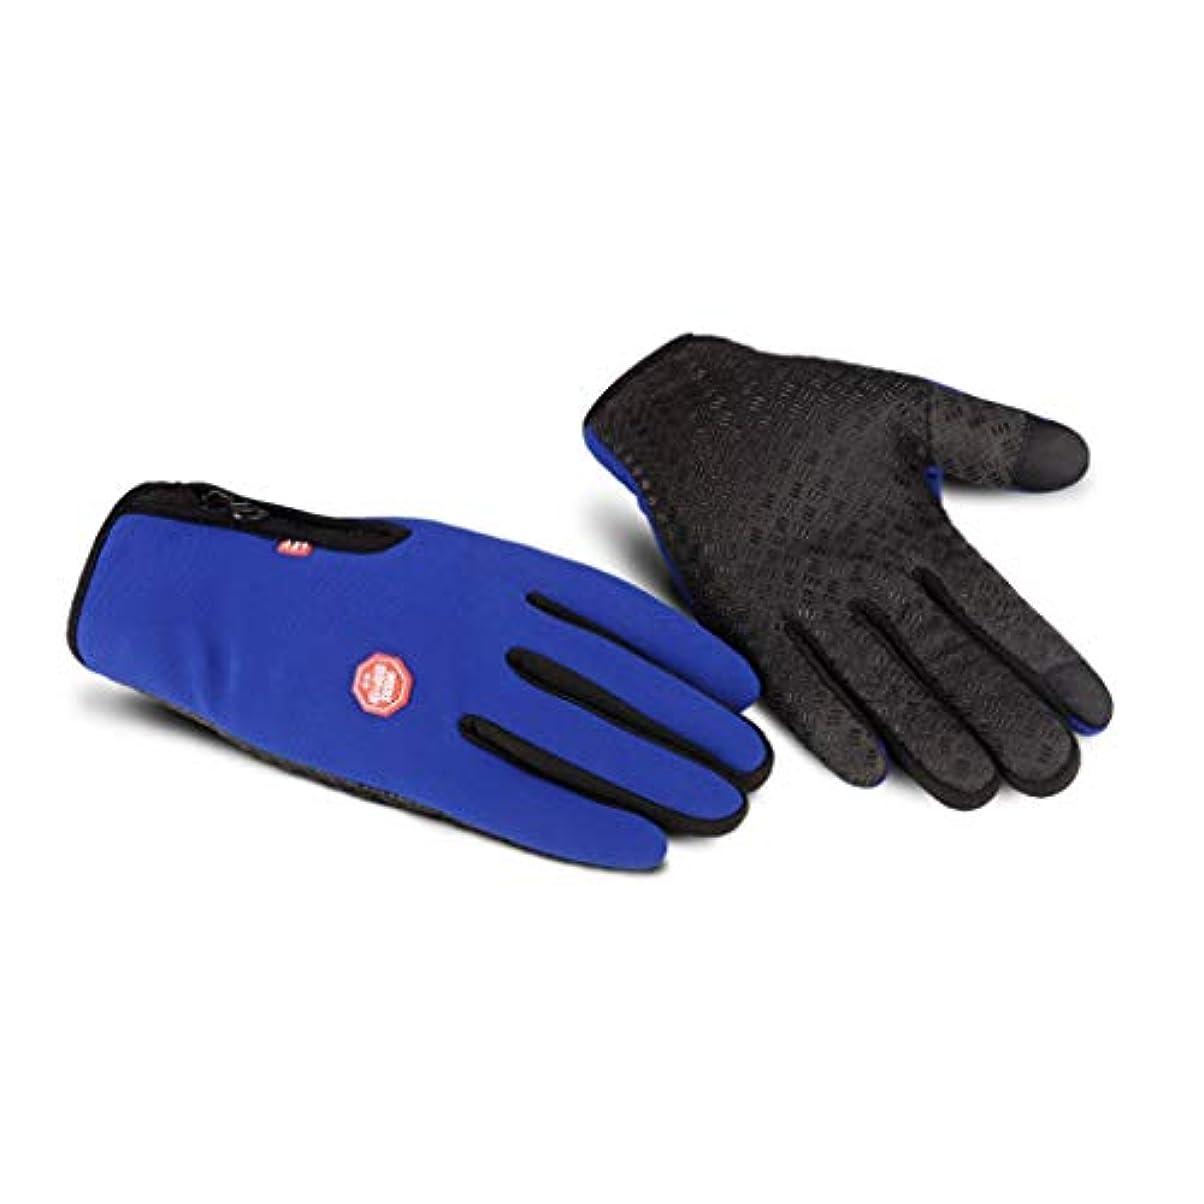 タワー尽きる一生手袋の男性の秋と冬の自転車電動バイクの女性のタッチスクリーンはすべて防風ノンスリップ暖かい冬のコールドプラスベルベット弾性手袋を意味する (色 : 青)